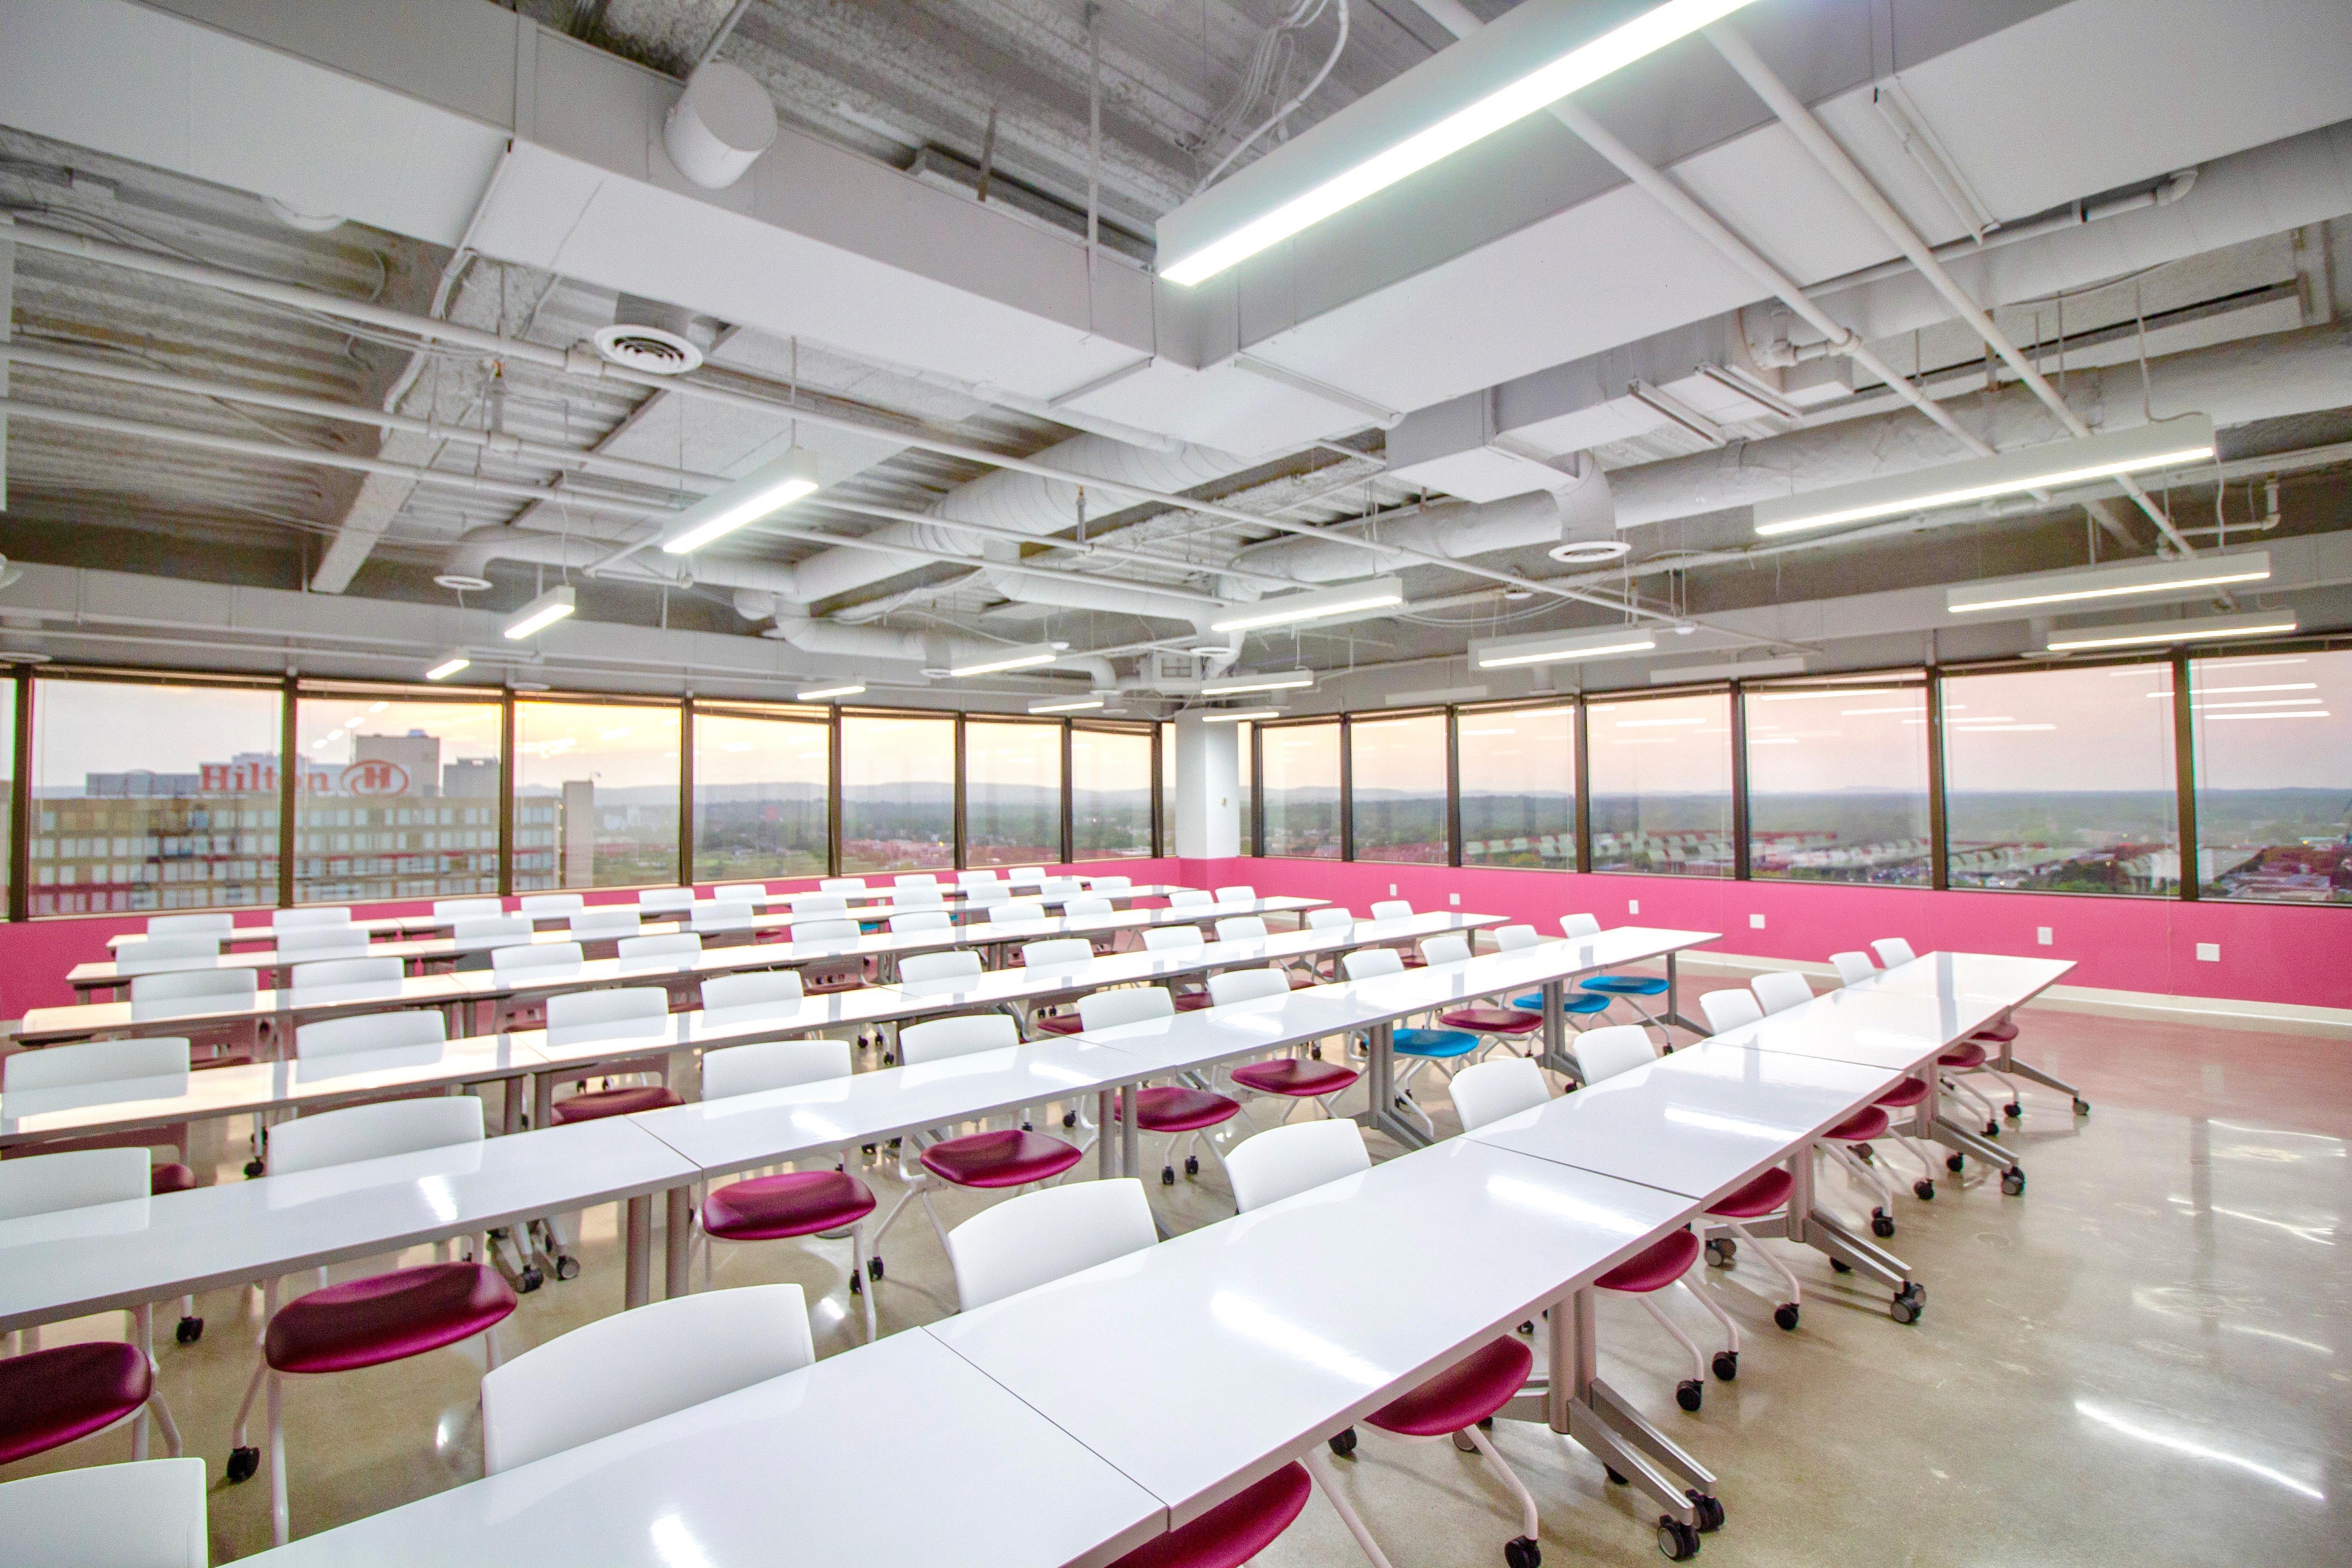 Upward Hartford - Discover Training Room